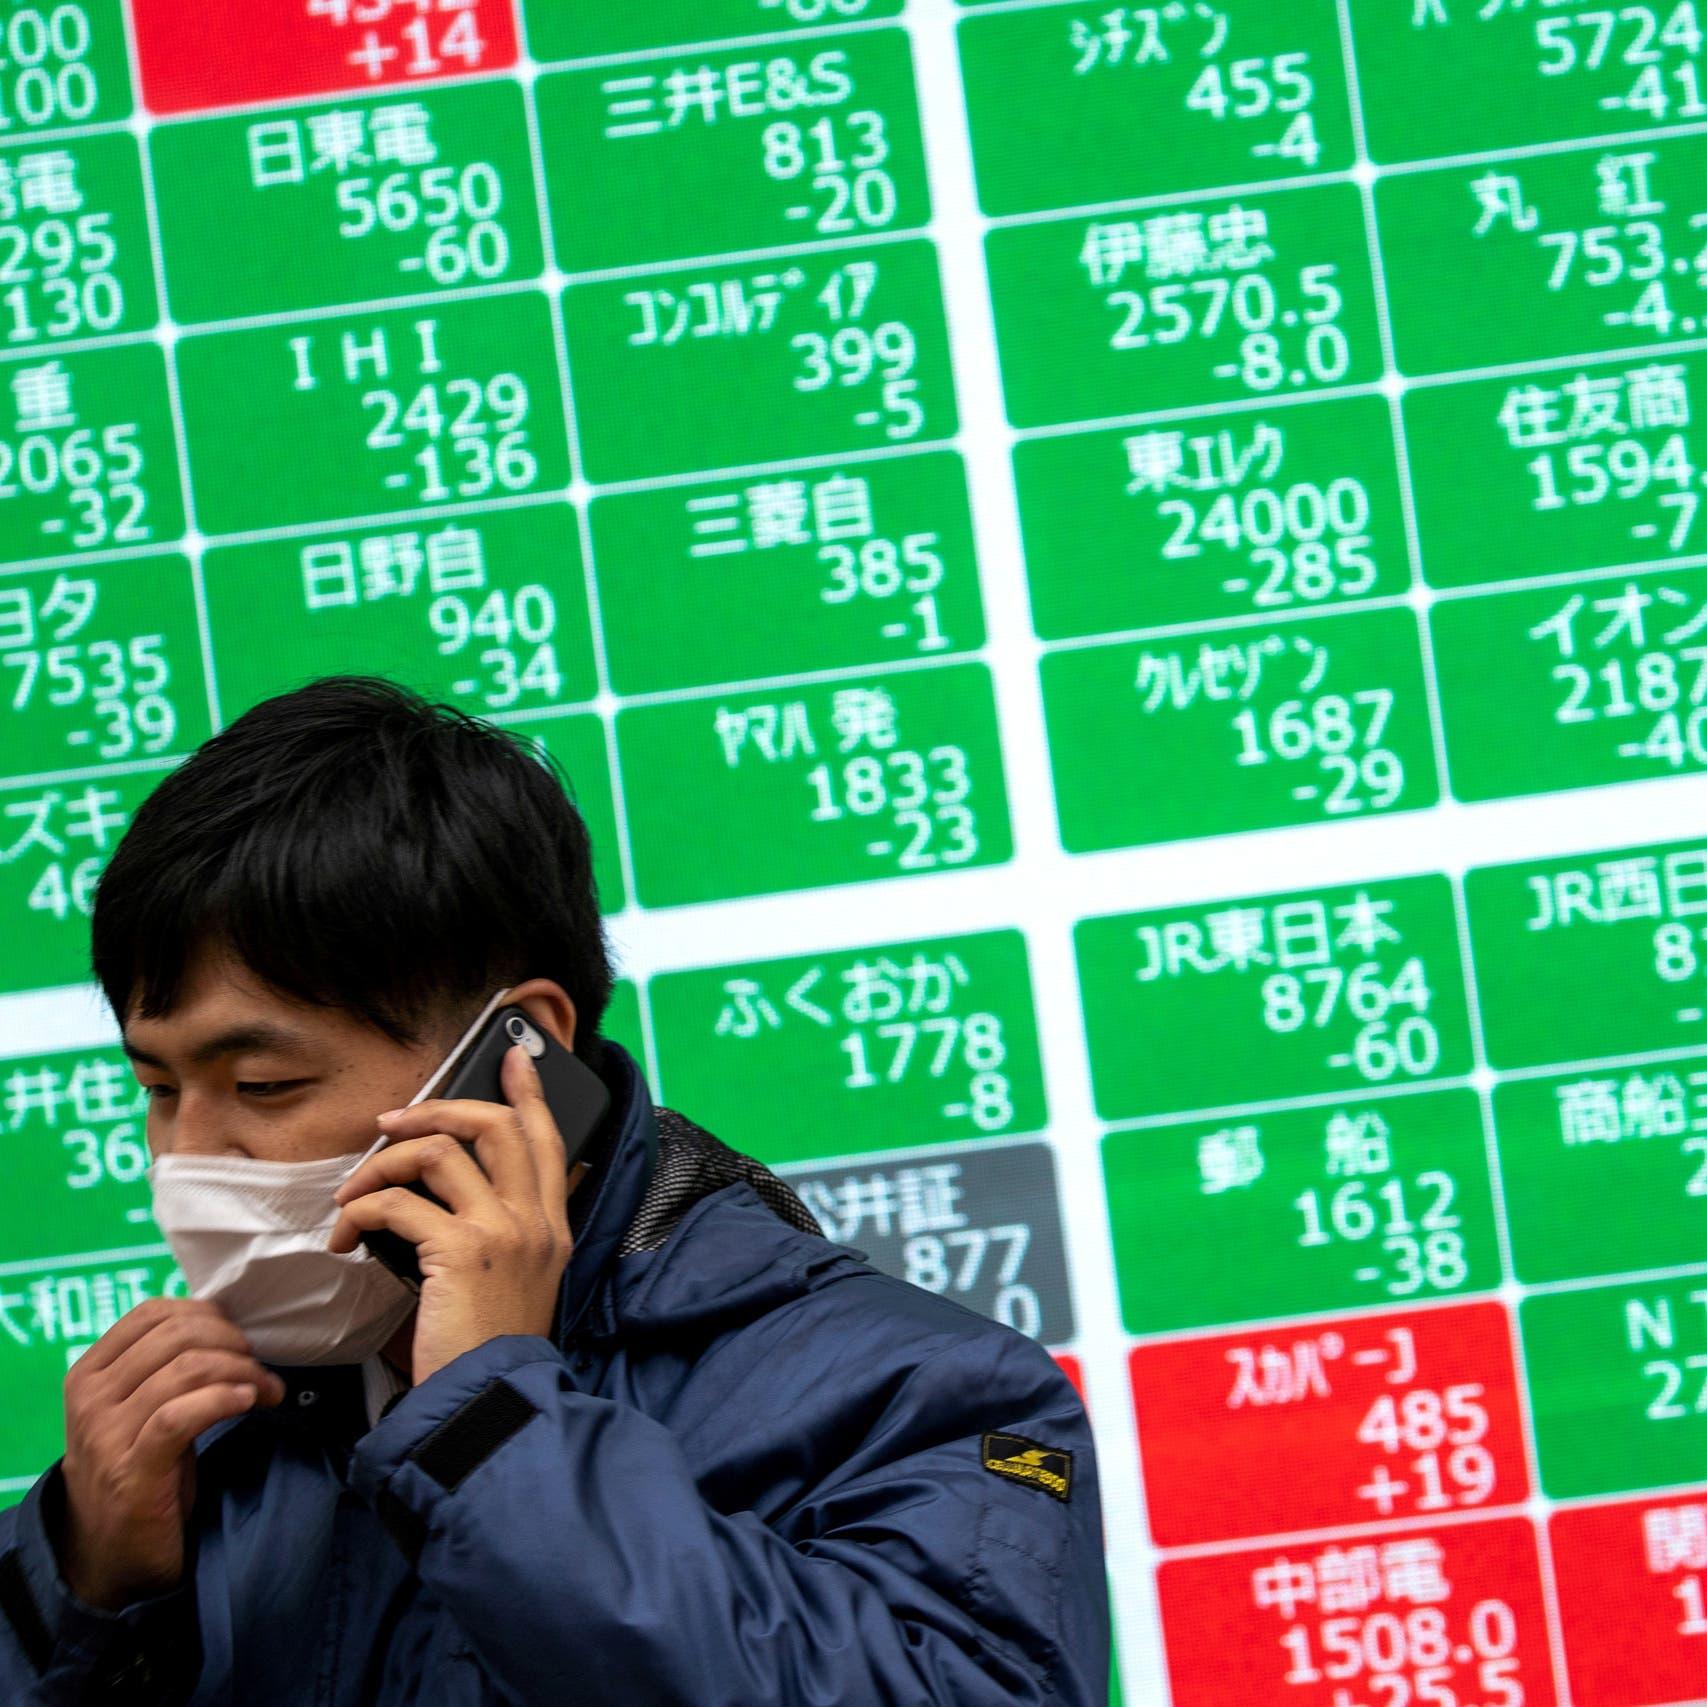 أسهم اليابانتغلق عند قمة 31 عاماً وسط تطلعاتلتعافي الاقتصاد